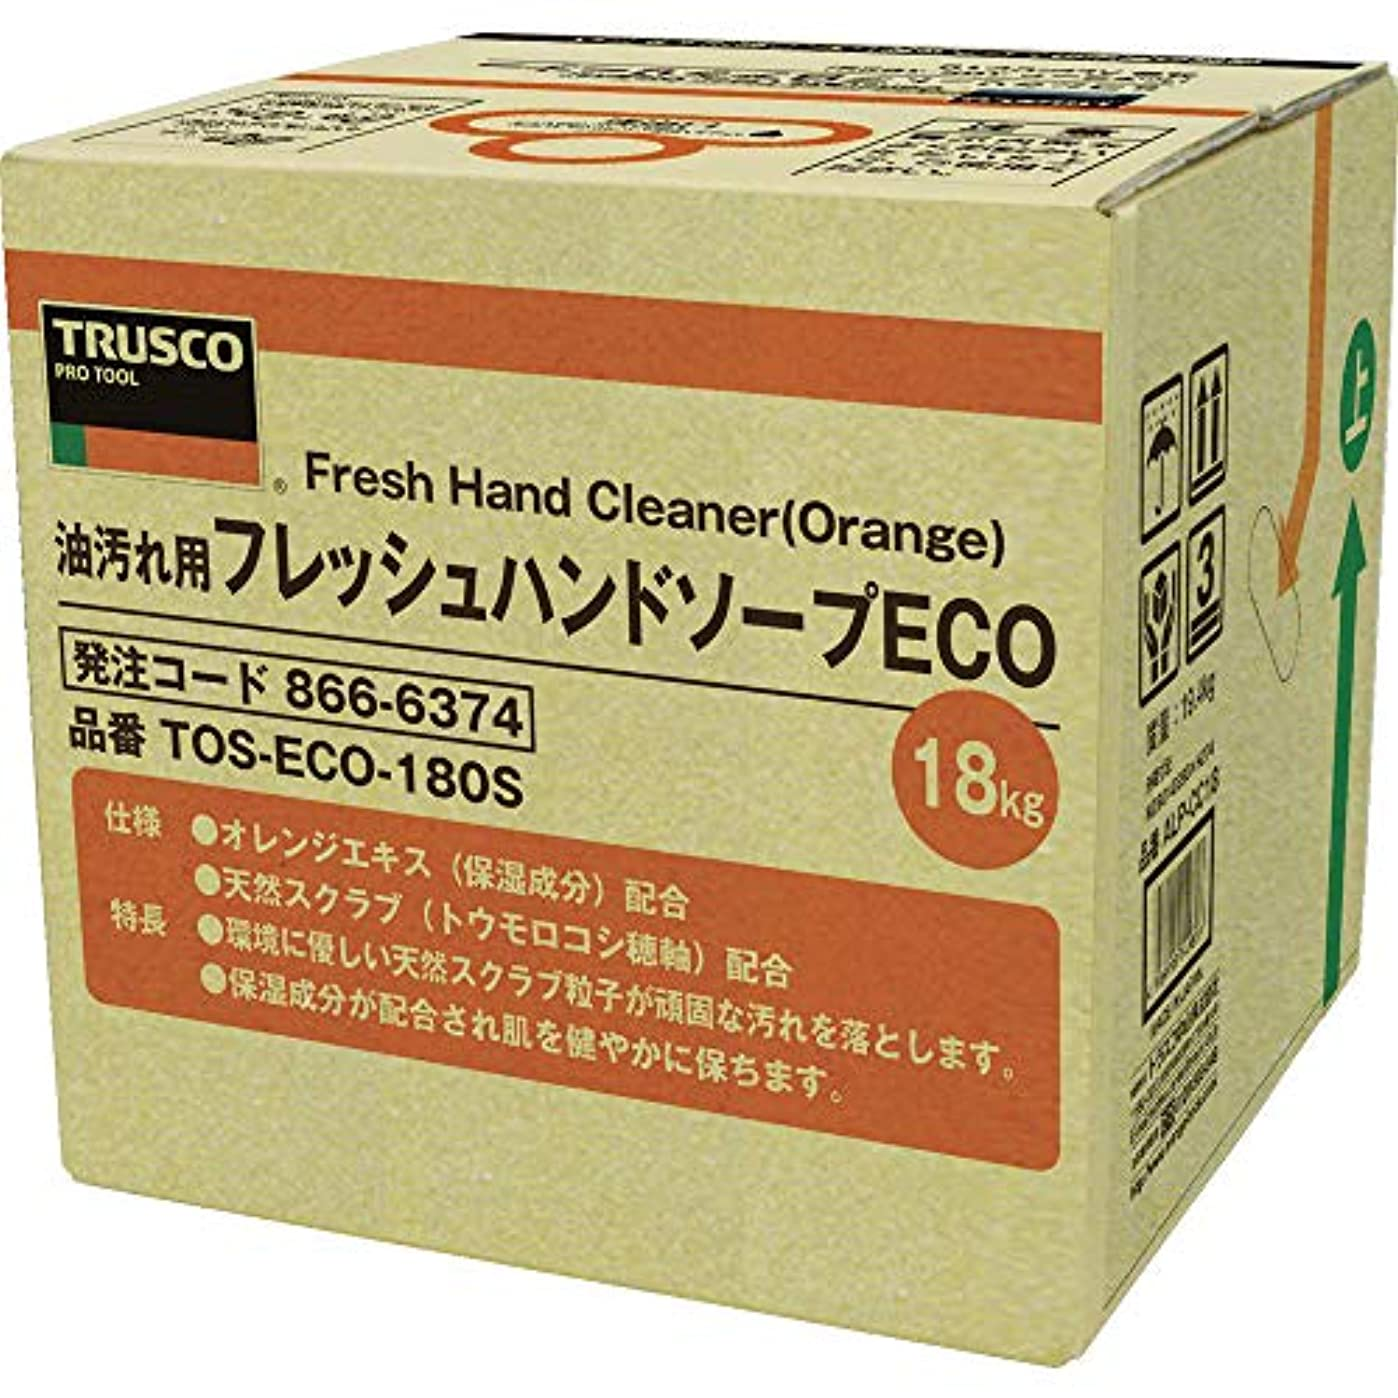 武器アドバンテージ唯一TRUSCO(トラスコ) フレッシュハンドソープECO 18L 詰替 バッグインボックス TOSECO180S